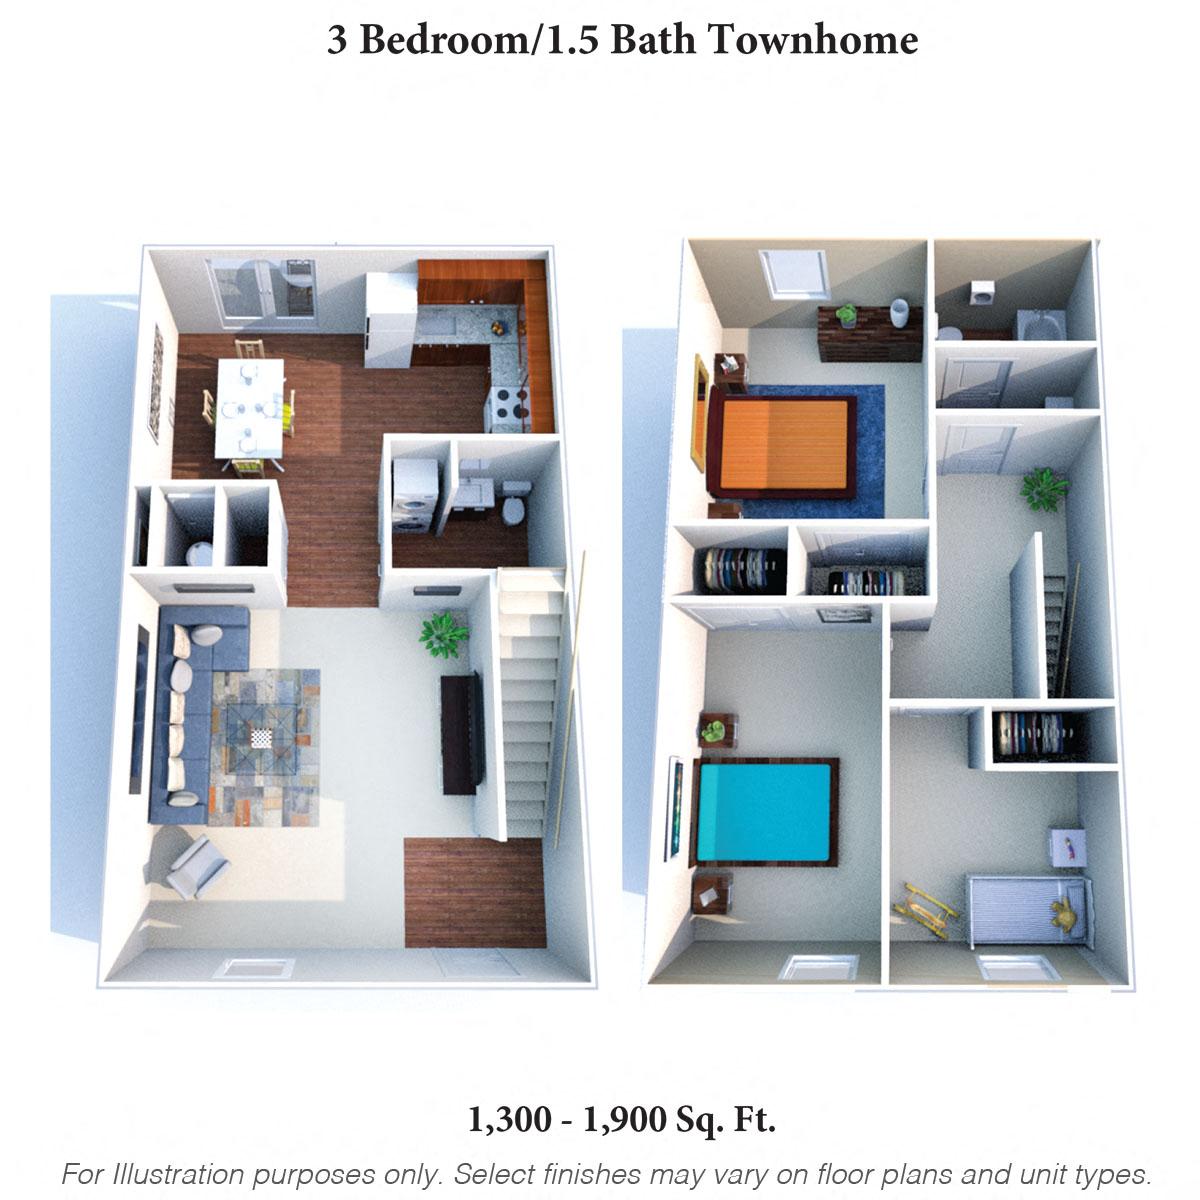 Yvr Apartments Walnut Creek: Walnut Creek Townhomes, 4042 Georgetown Road, Cincinnati